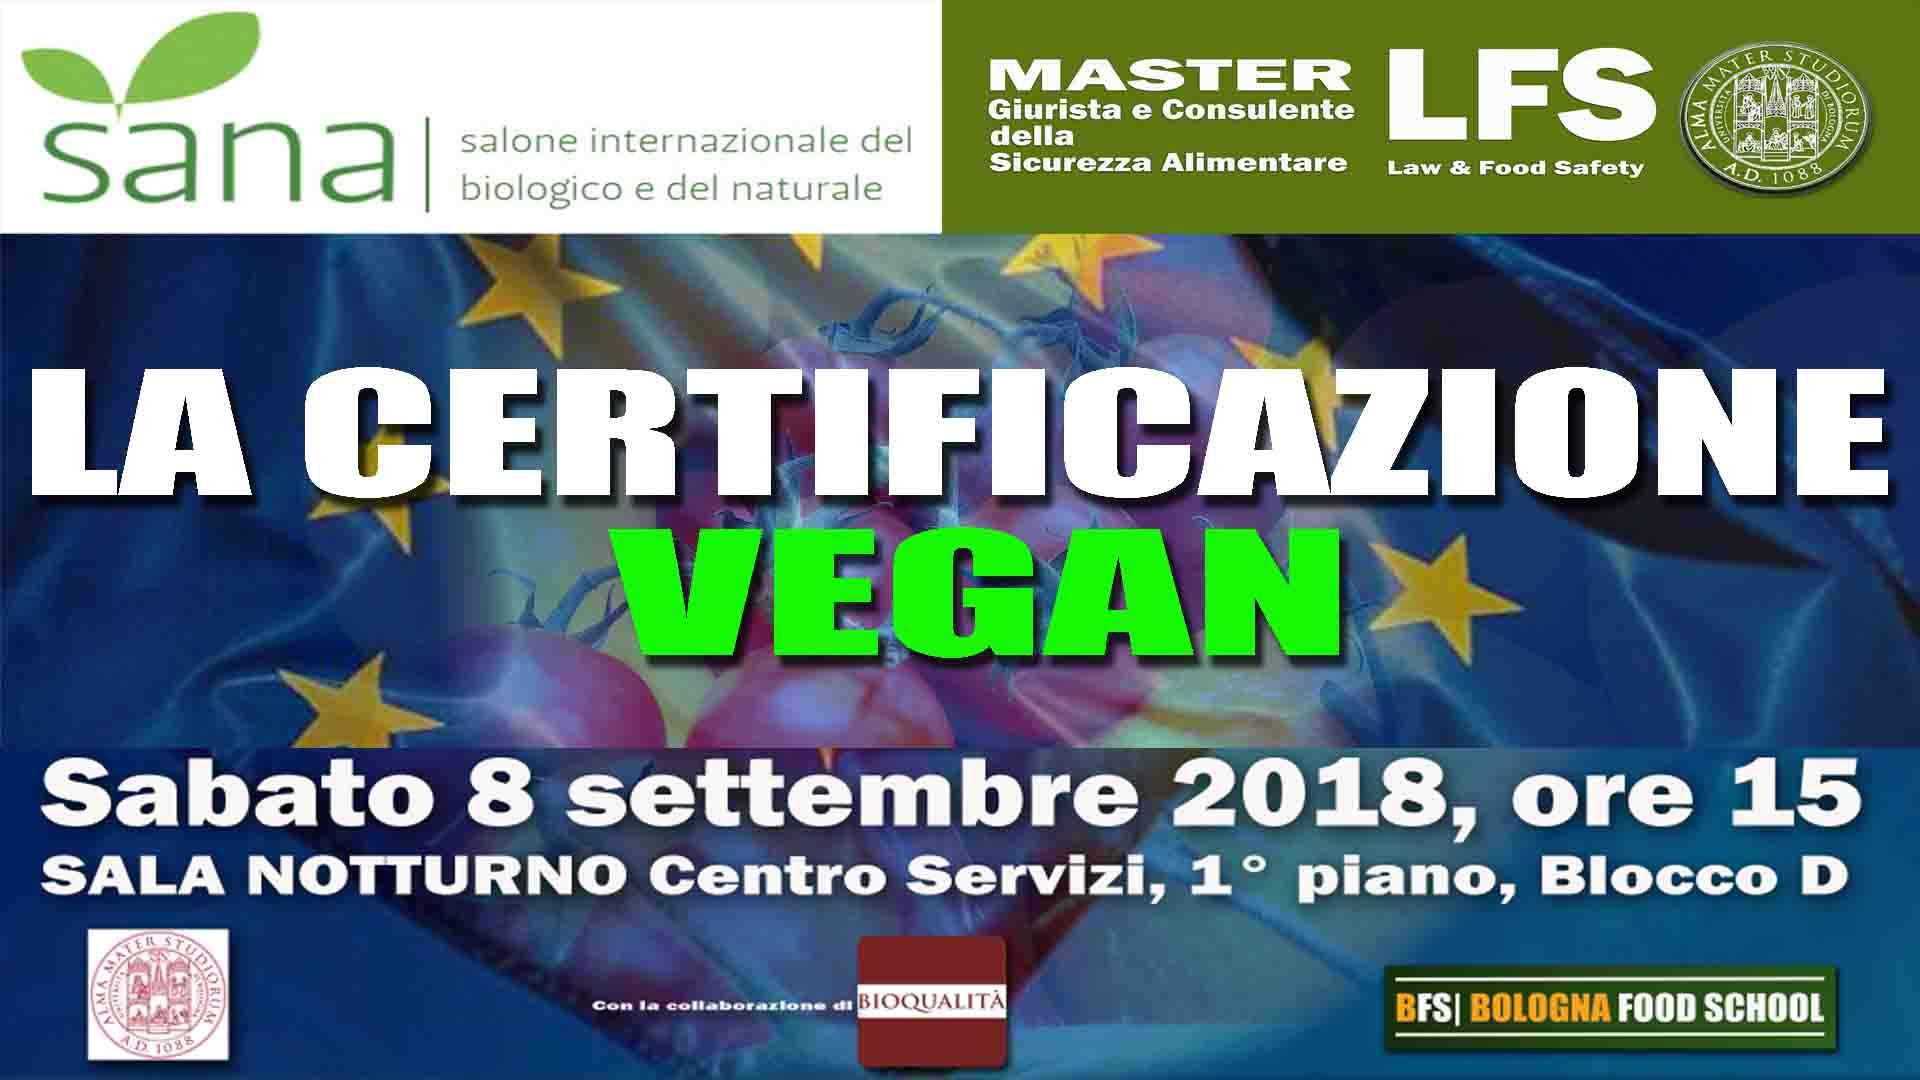 La certificazione Vegan - SANA 2018 . 8 settembre 2018